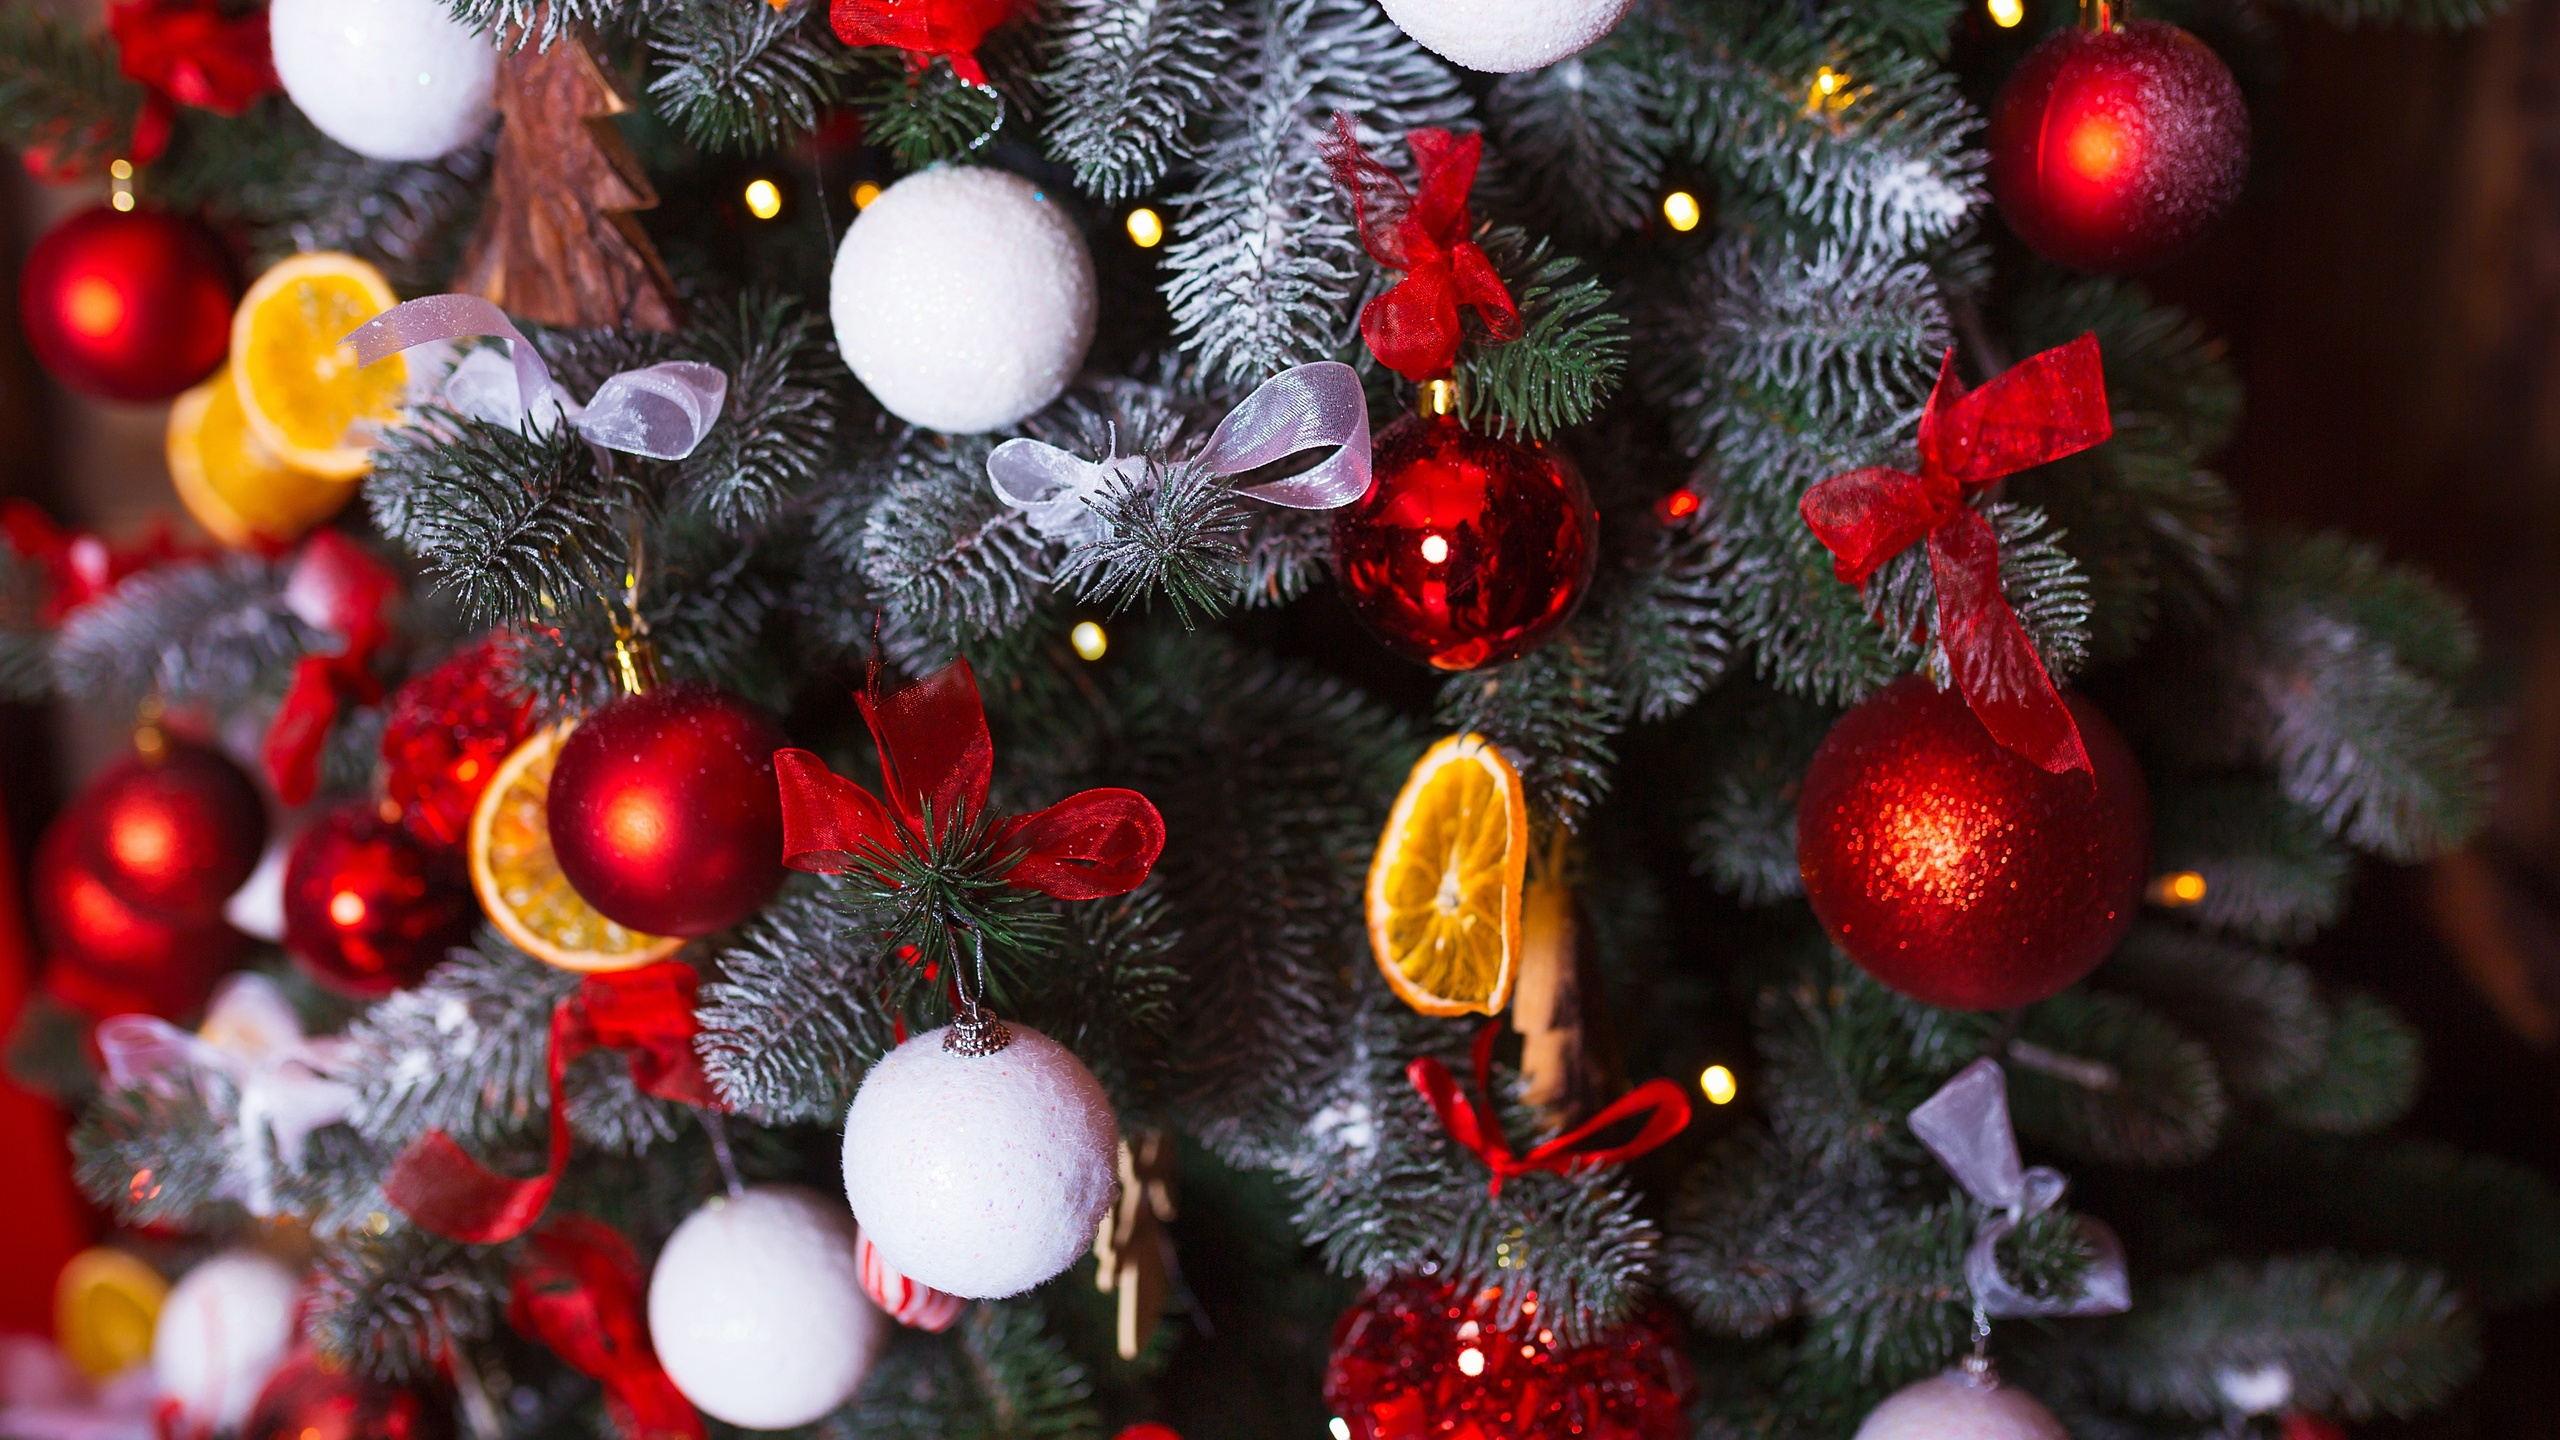 поразительной устойчивости фото елки новогодней на телефон подписи